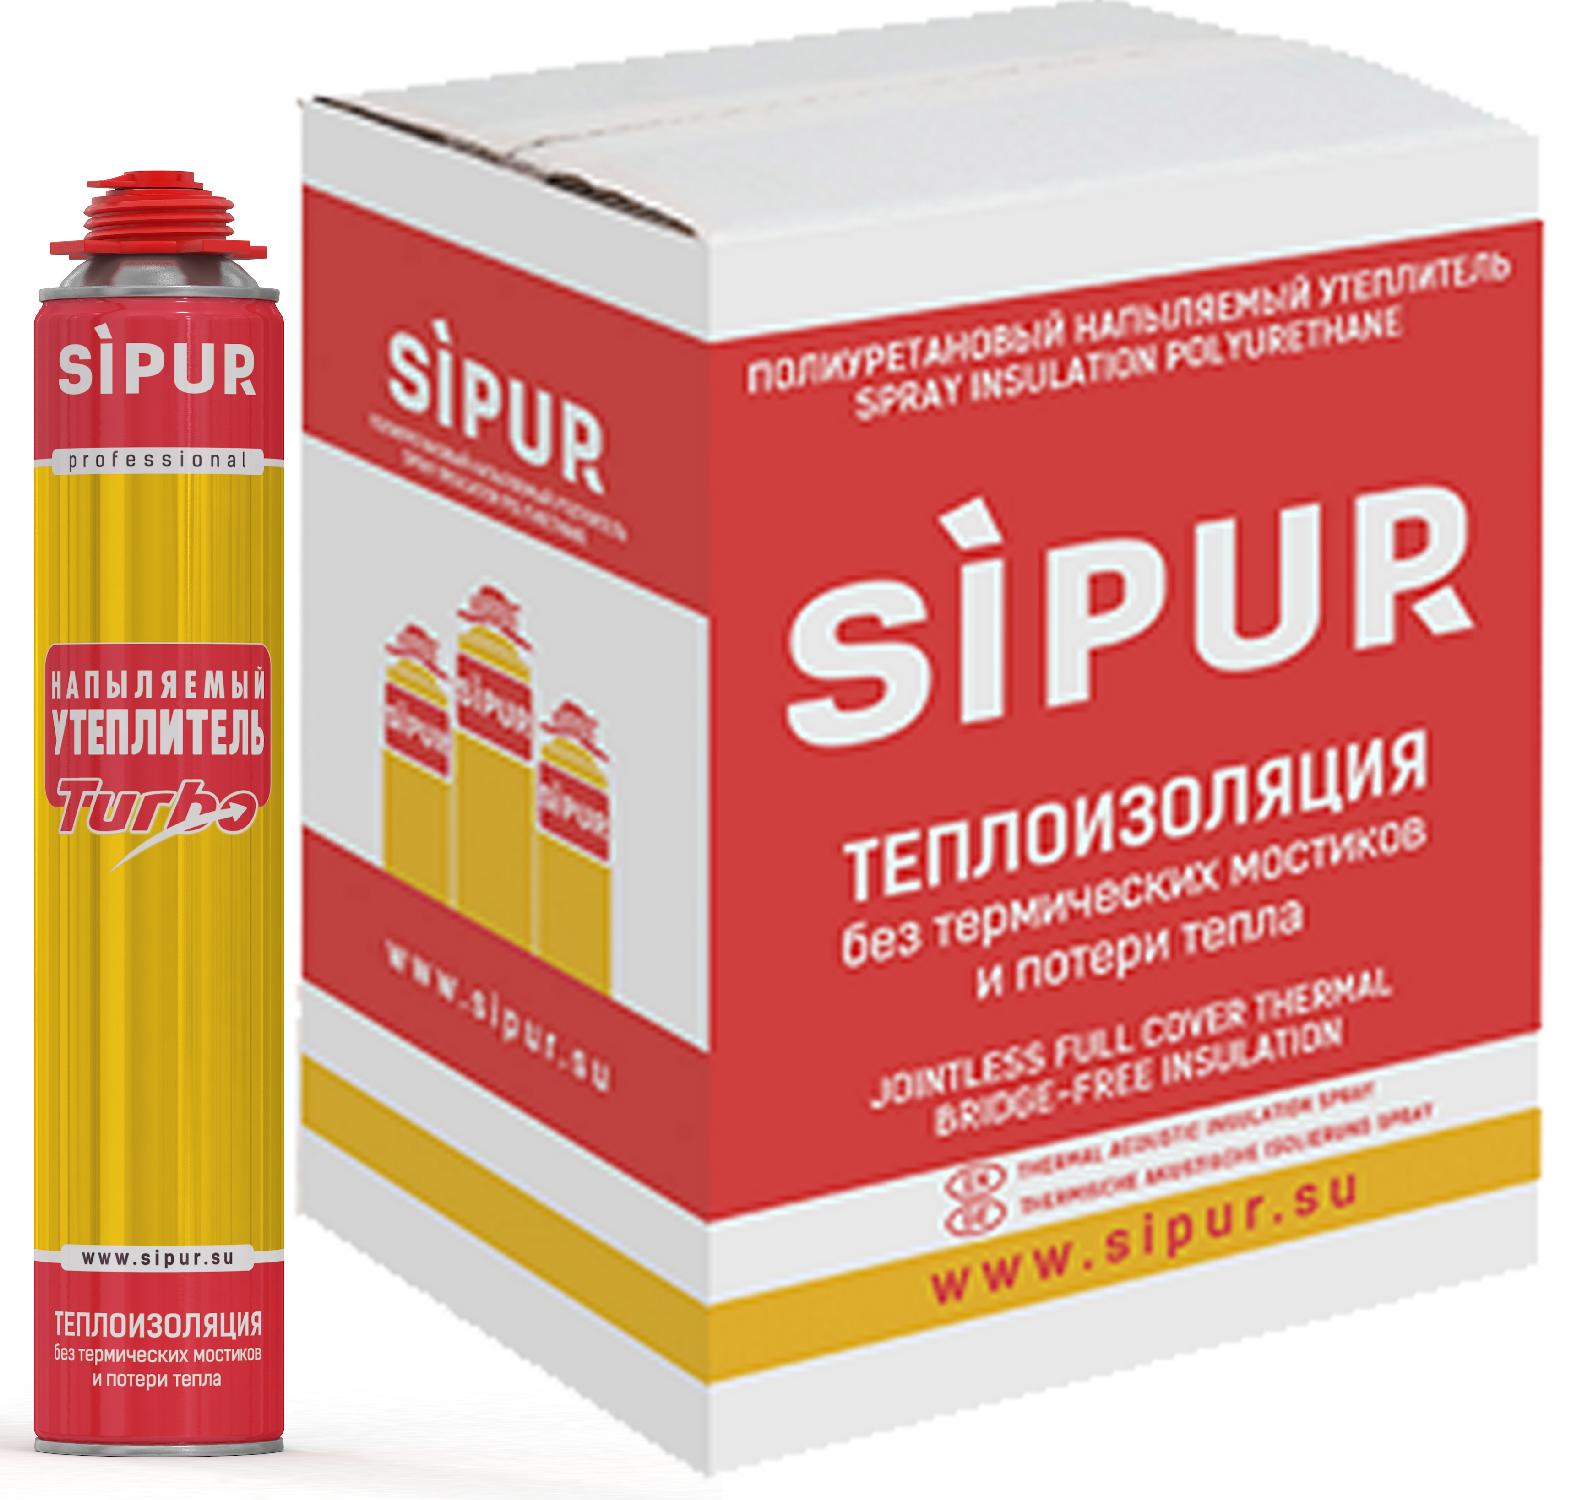 Sipur - напыляемый утеплитель (коробка 12 шт)